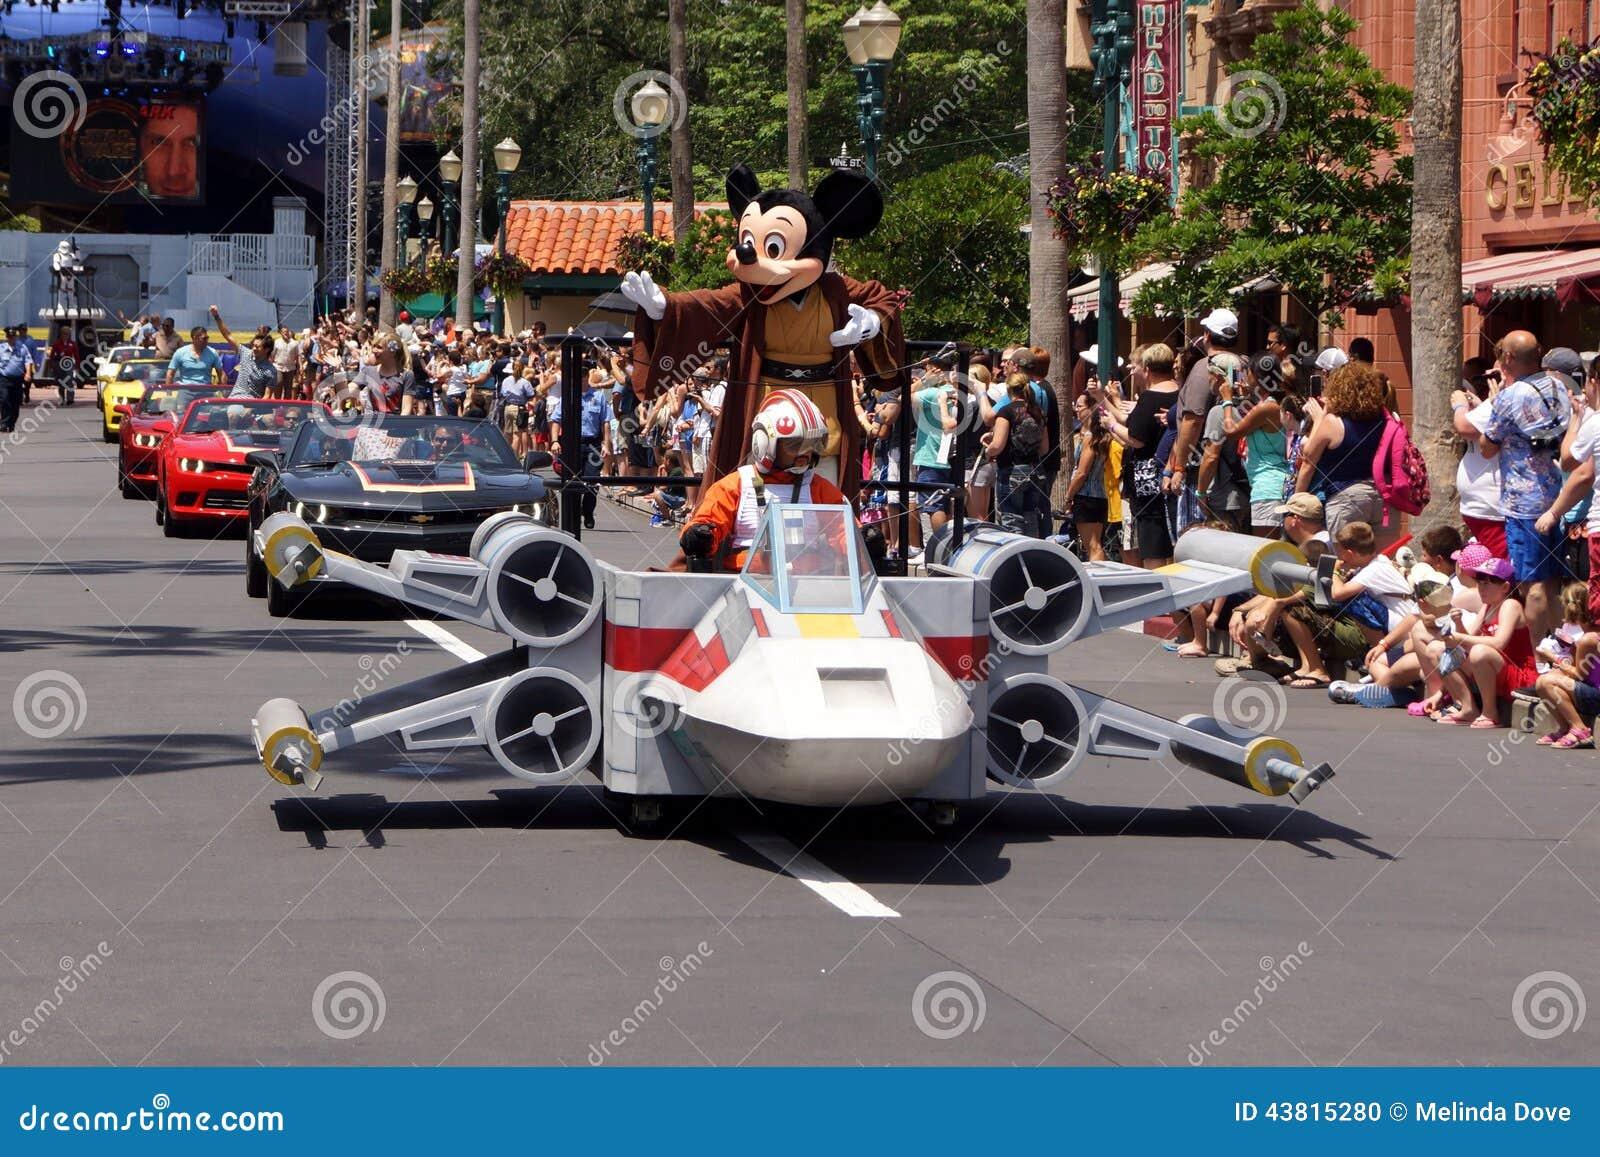 2837222222222281549444444444 Das Walt Disney World Resort ist ein Komplex mehrerer Freizeitparks in der Nähe von Orlando in Florida Das Resort gehört zur Abteilung Walt Disney Parks and Resorts der Walt Disney Company und umfasst vier verschiedene Themenparks zwei Wasserparks sowie 23 Hotels